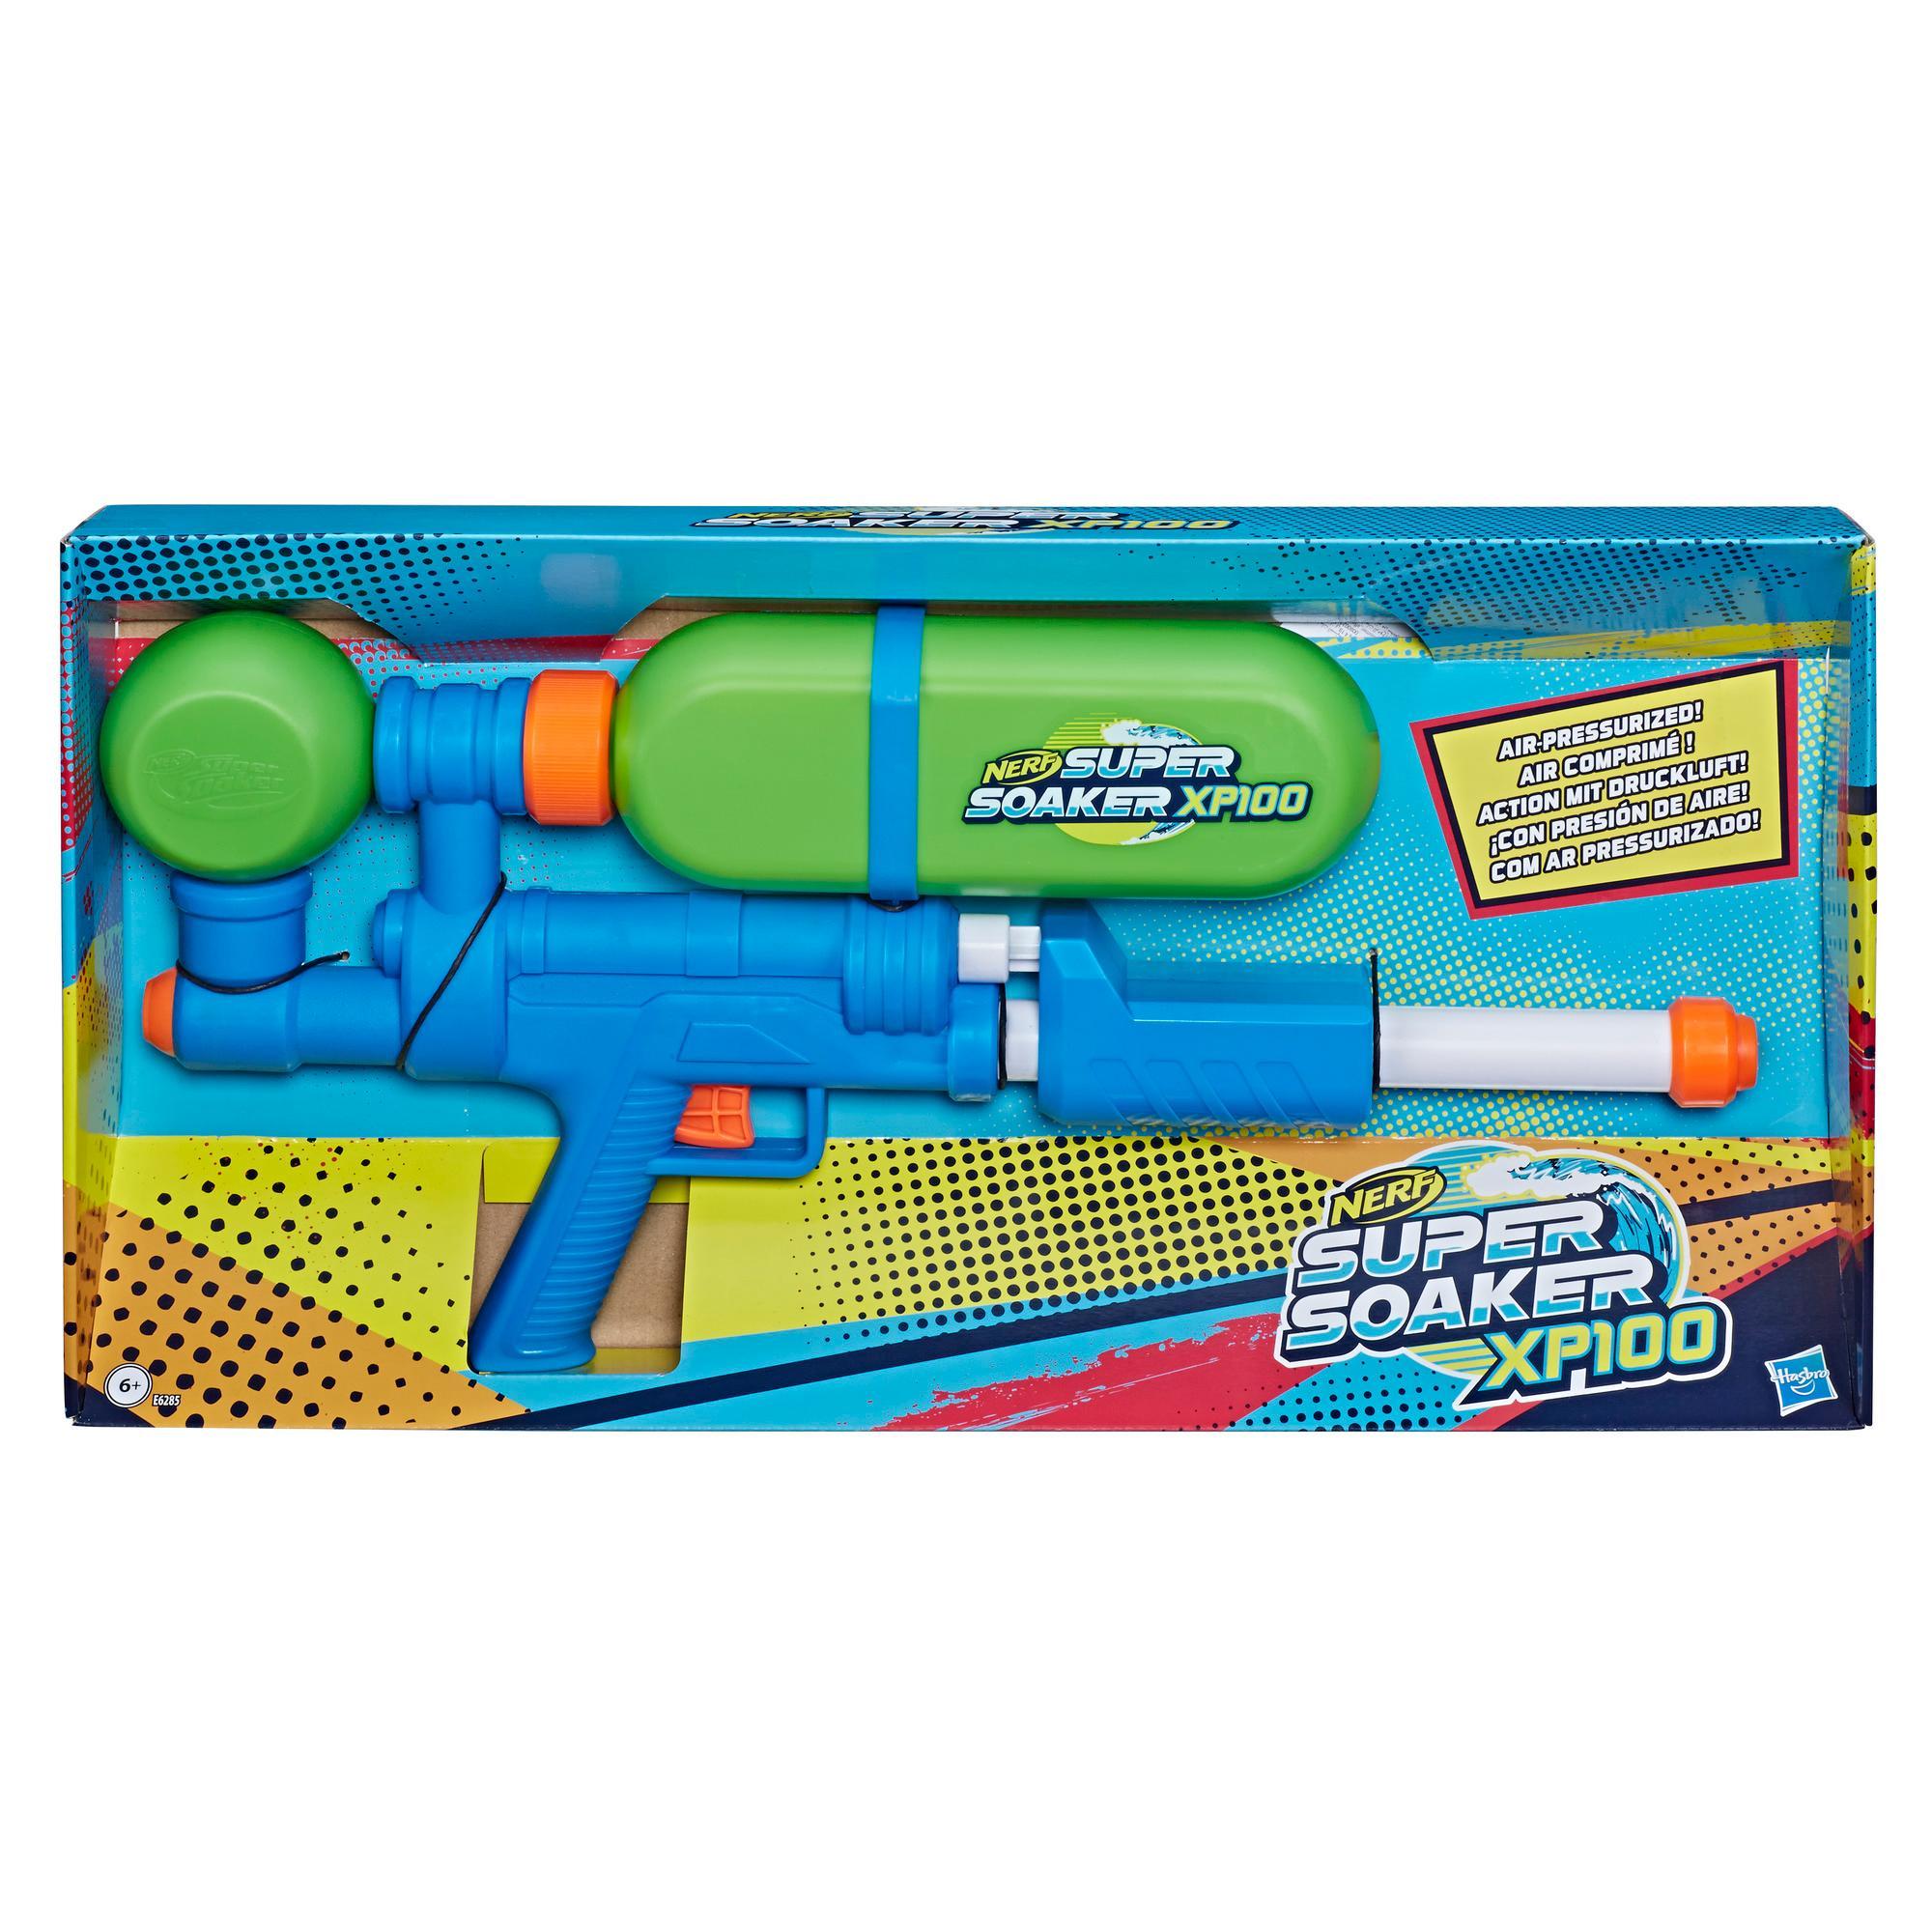 Nerf Super Soaker XP100 Wasserblaster